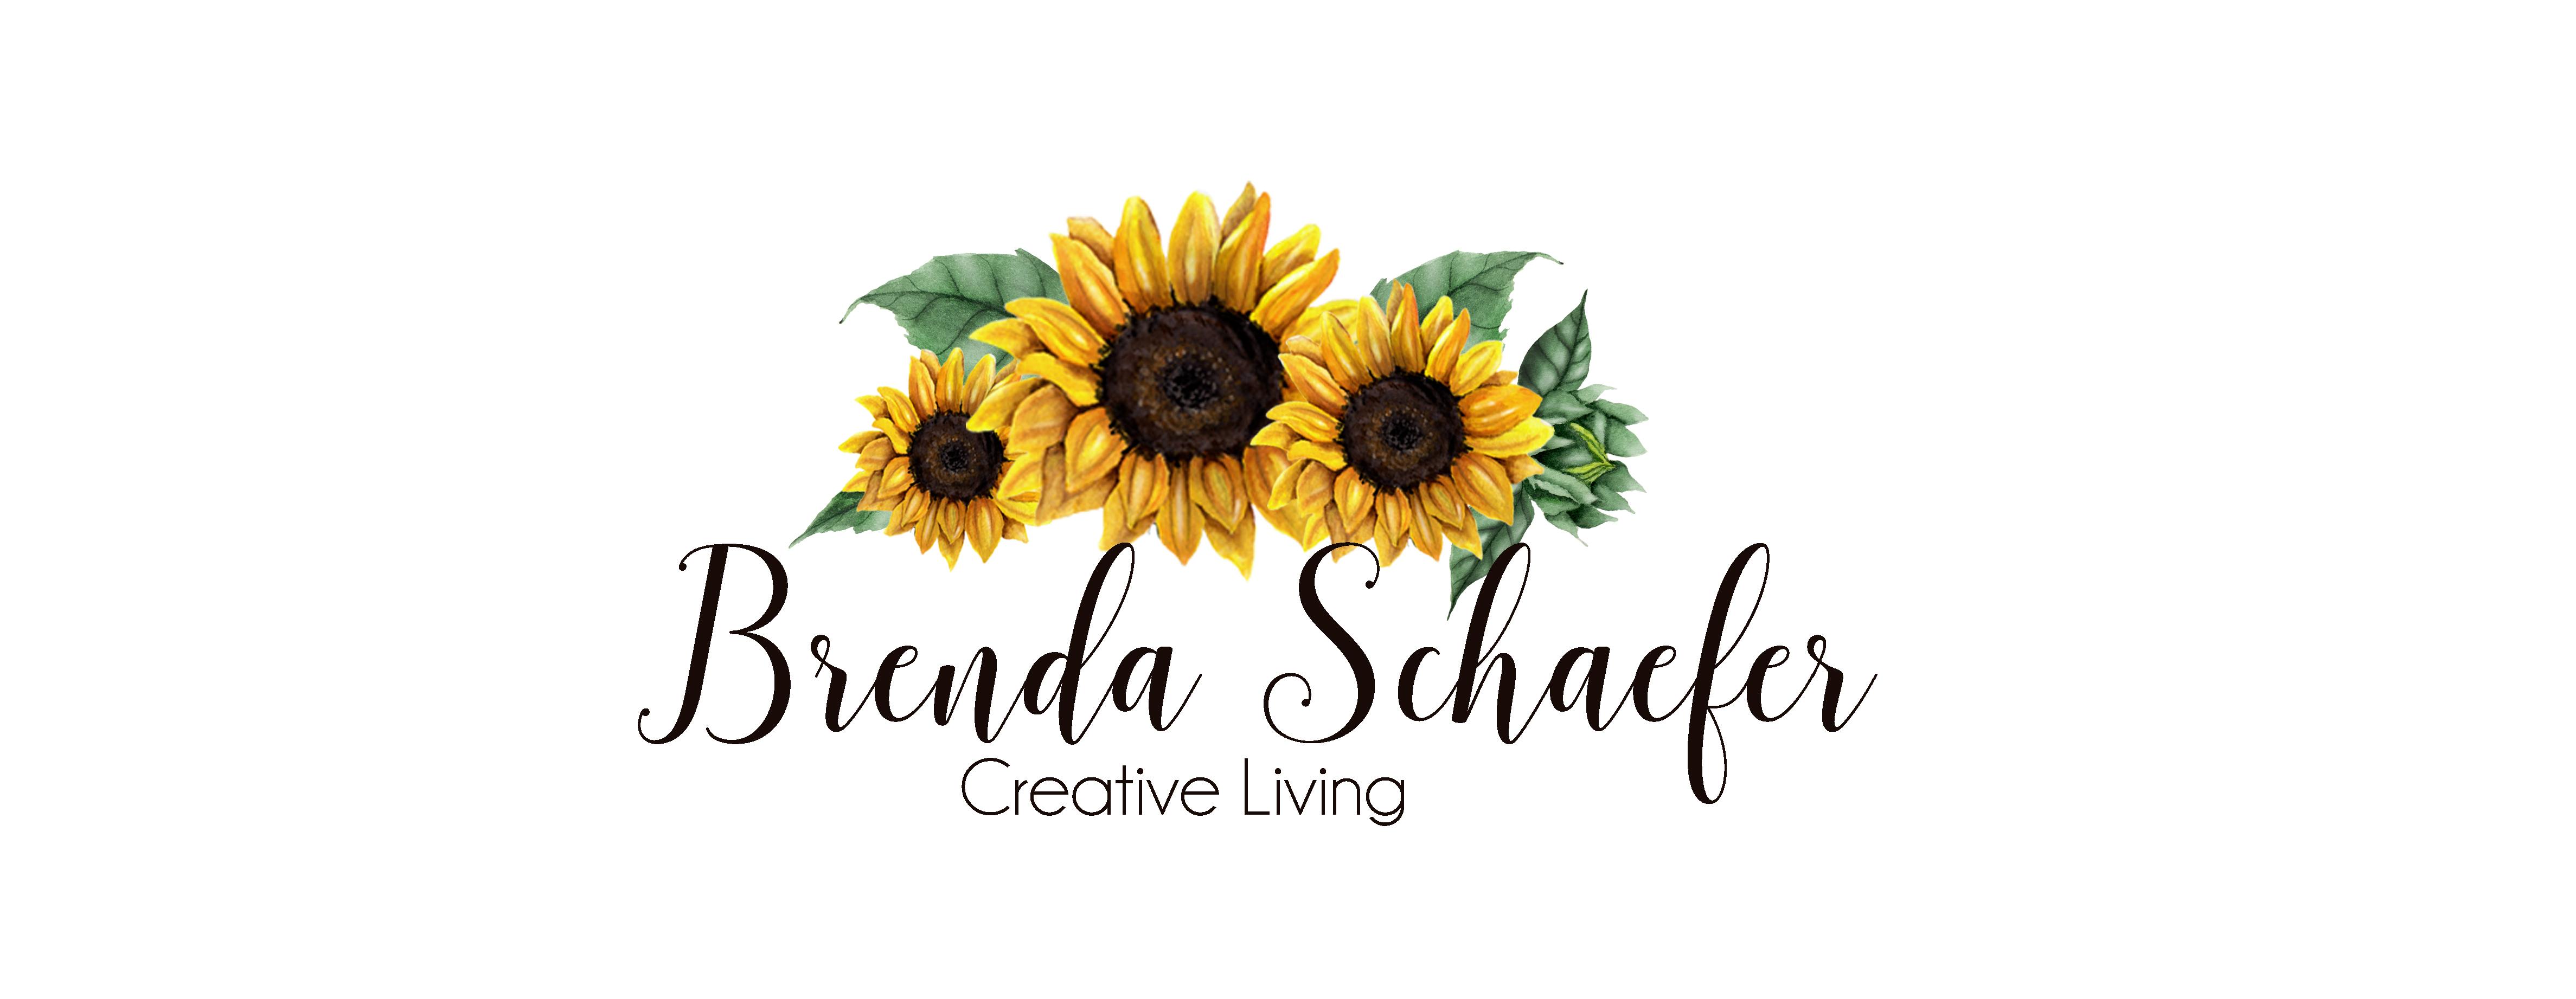 Brenda Schaefer